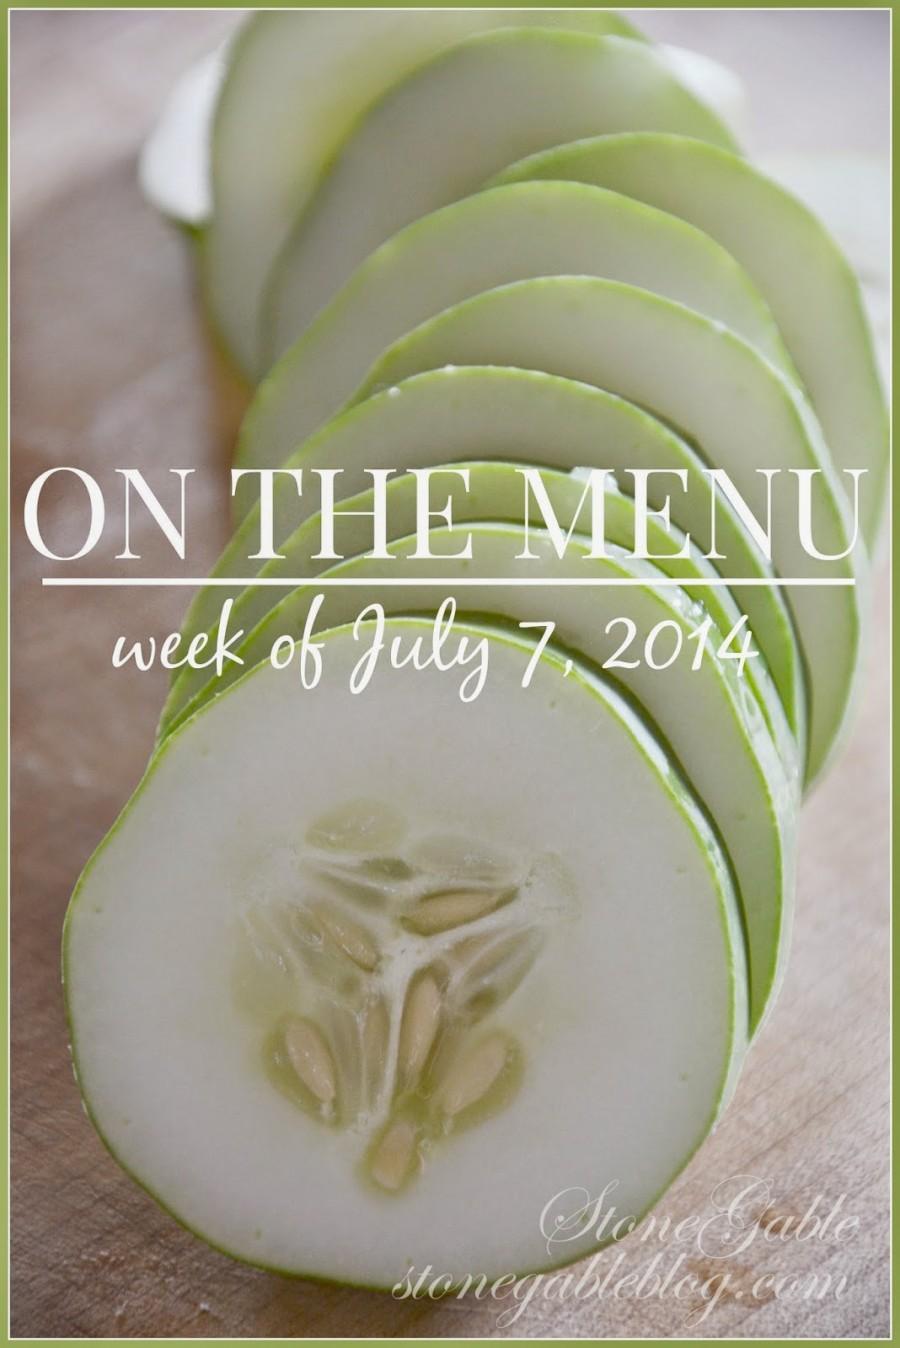 ON THE MENU WEEK OF JULY 7, 2014